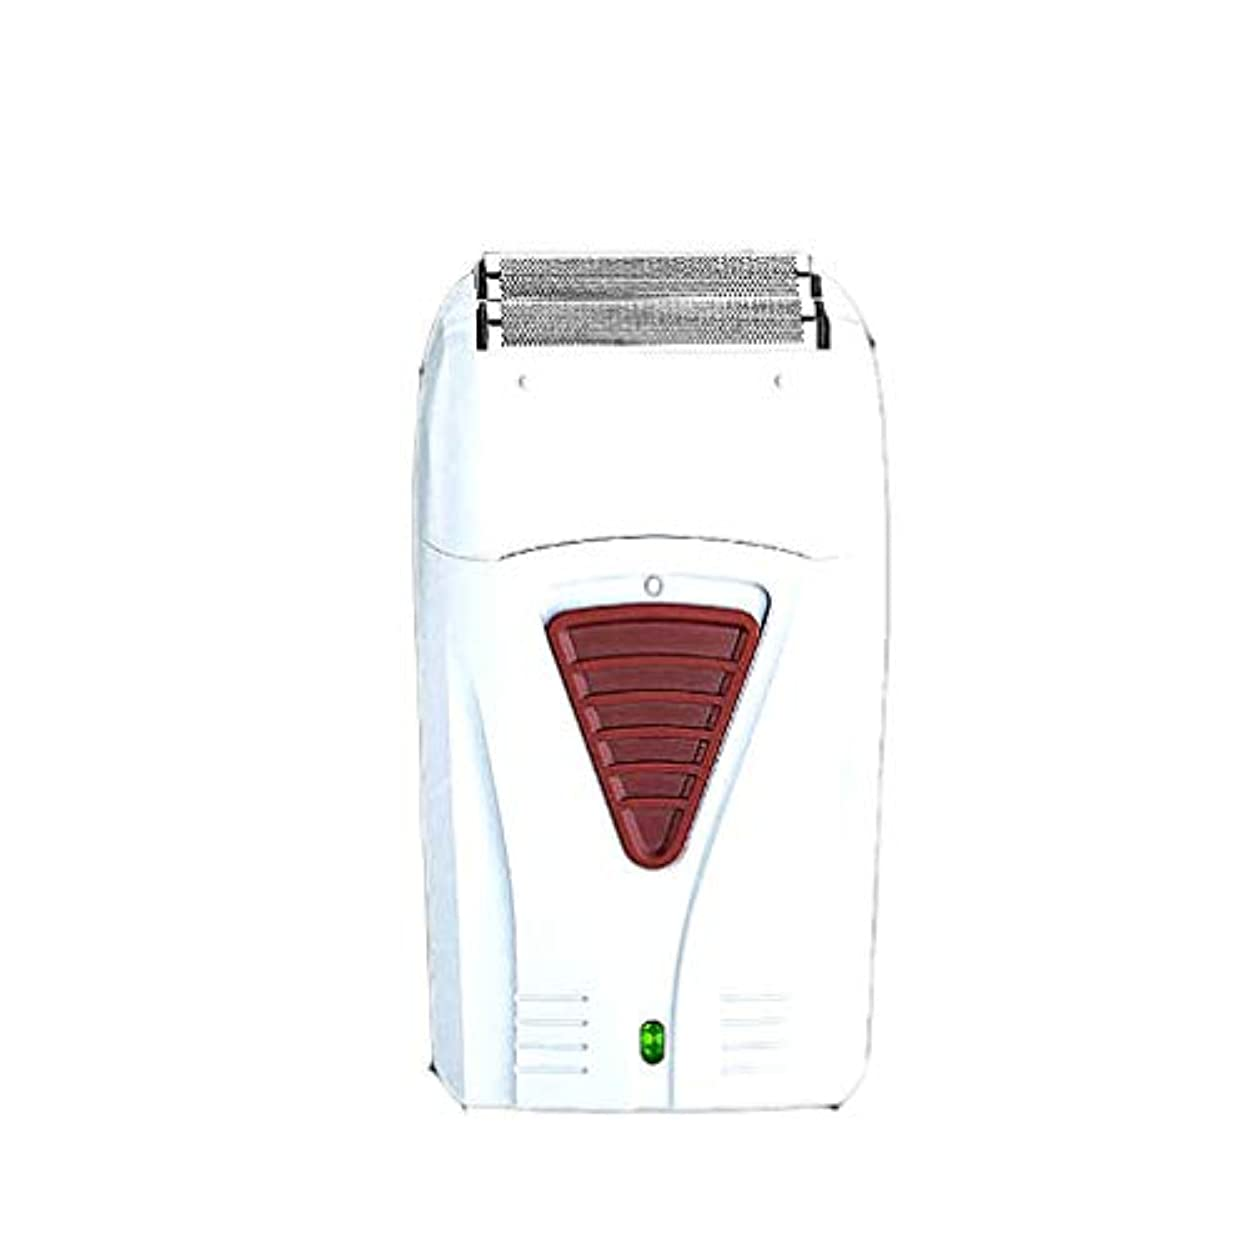 戦術スケジュールやさしい等高線のベニヤは、シェービング充電式電気はホワイト髪クリッパークラシックレシプロ式ダブルヘッドレイザーを押してSMOOTH